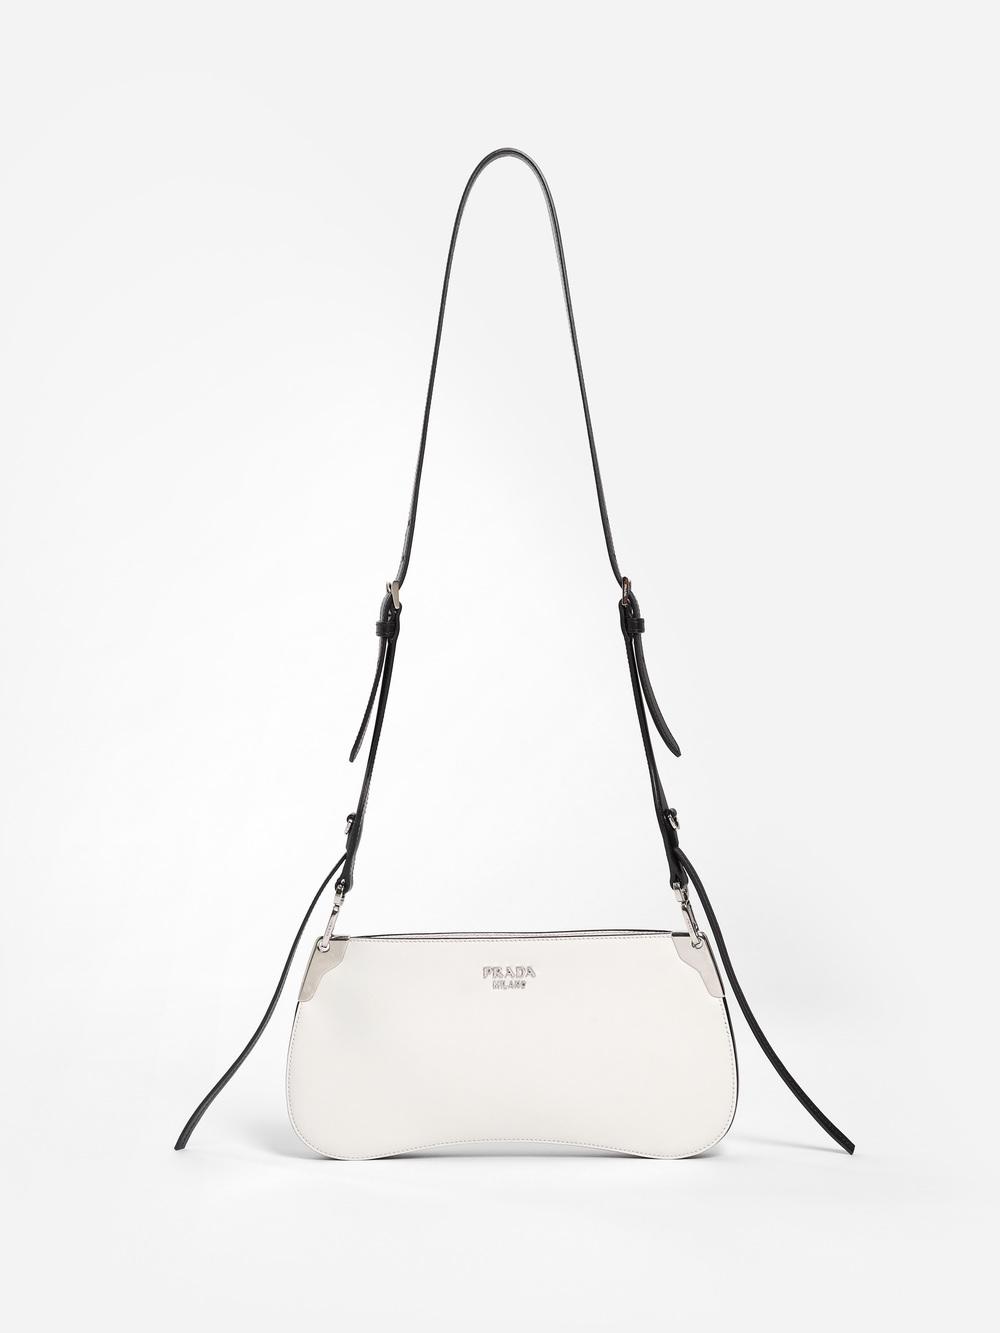 0903e45fe61f Prada Women s Black And White Crossbody Bag